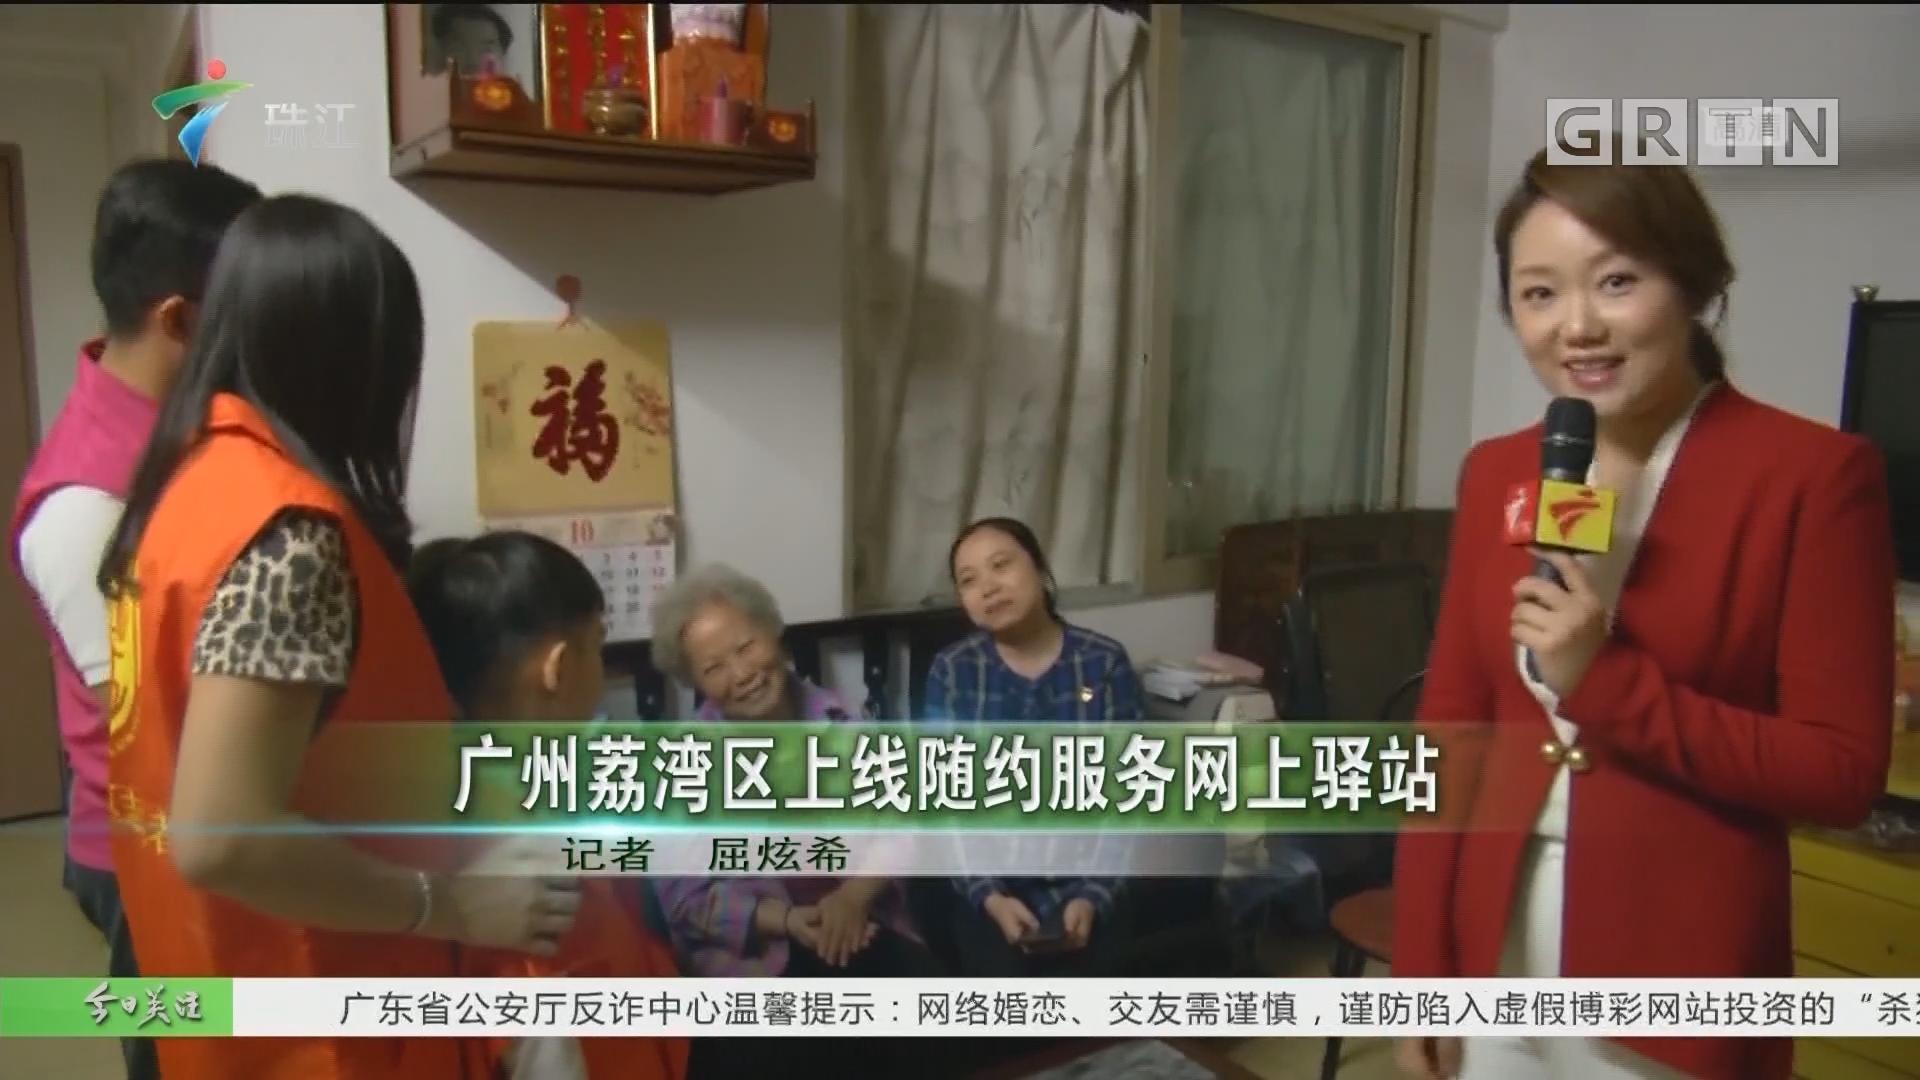 广州荔湾区上线随约服务网上驿站